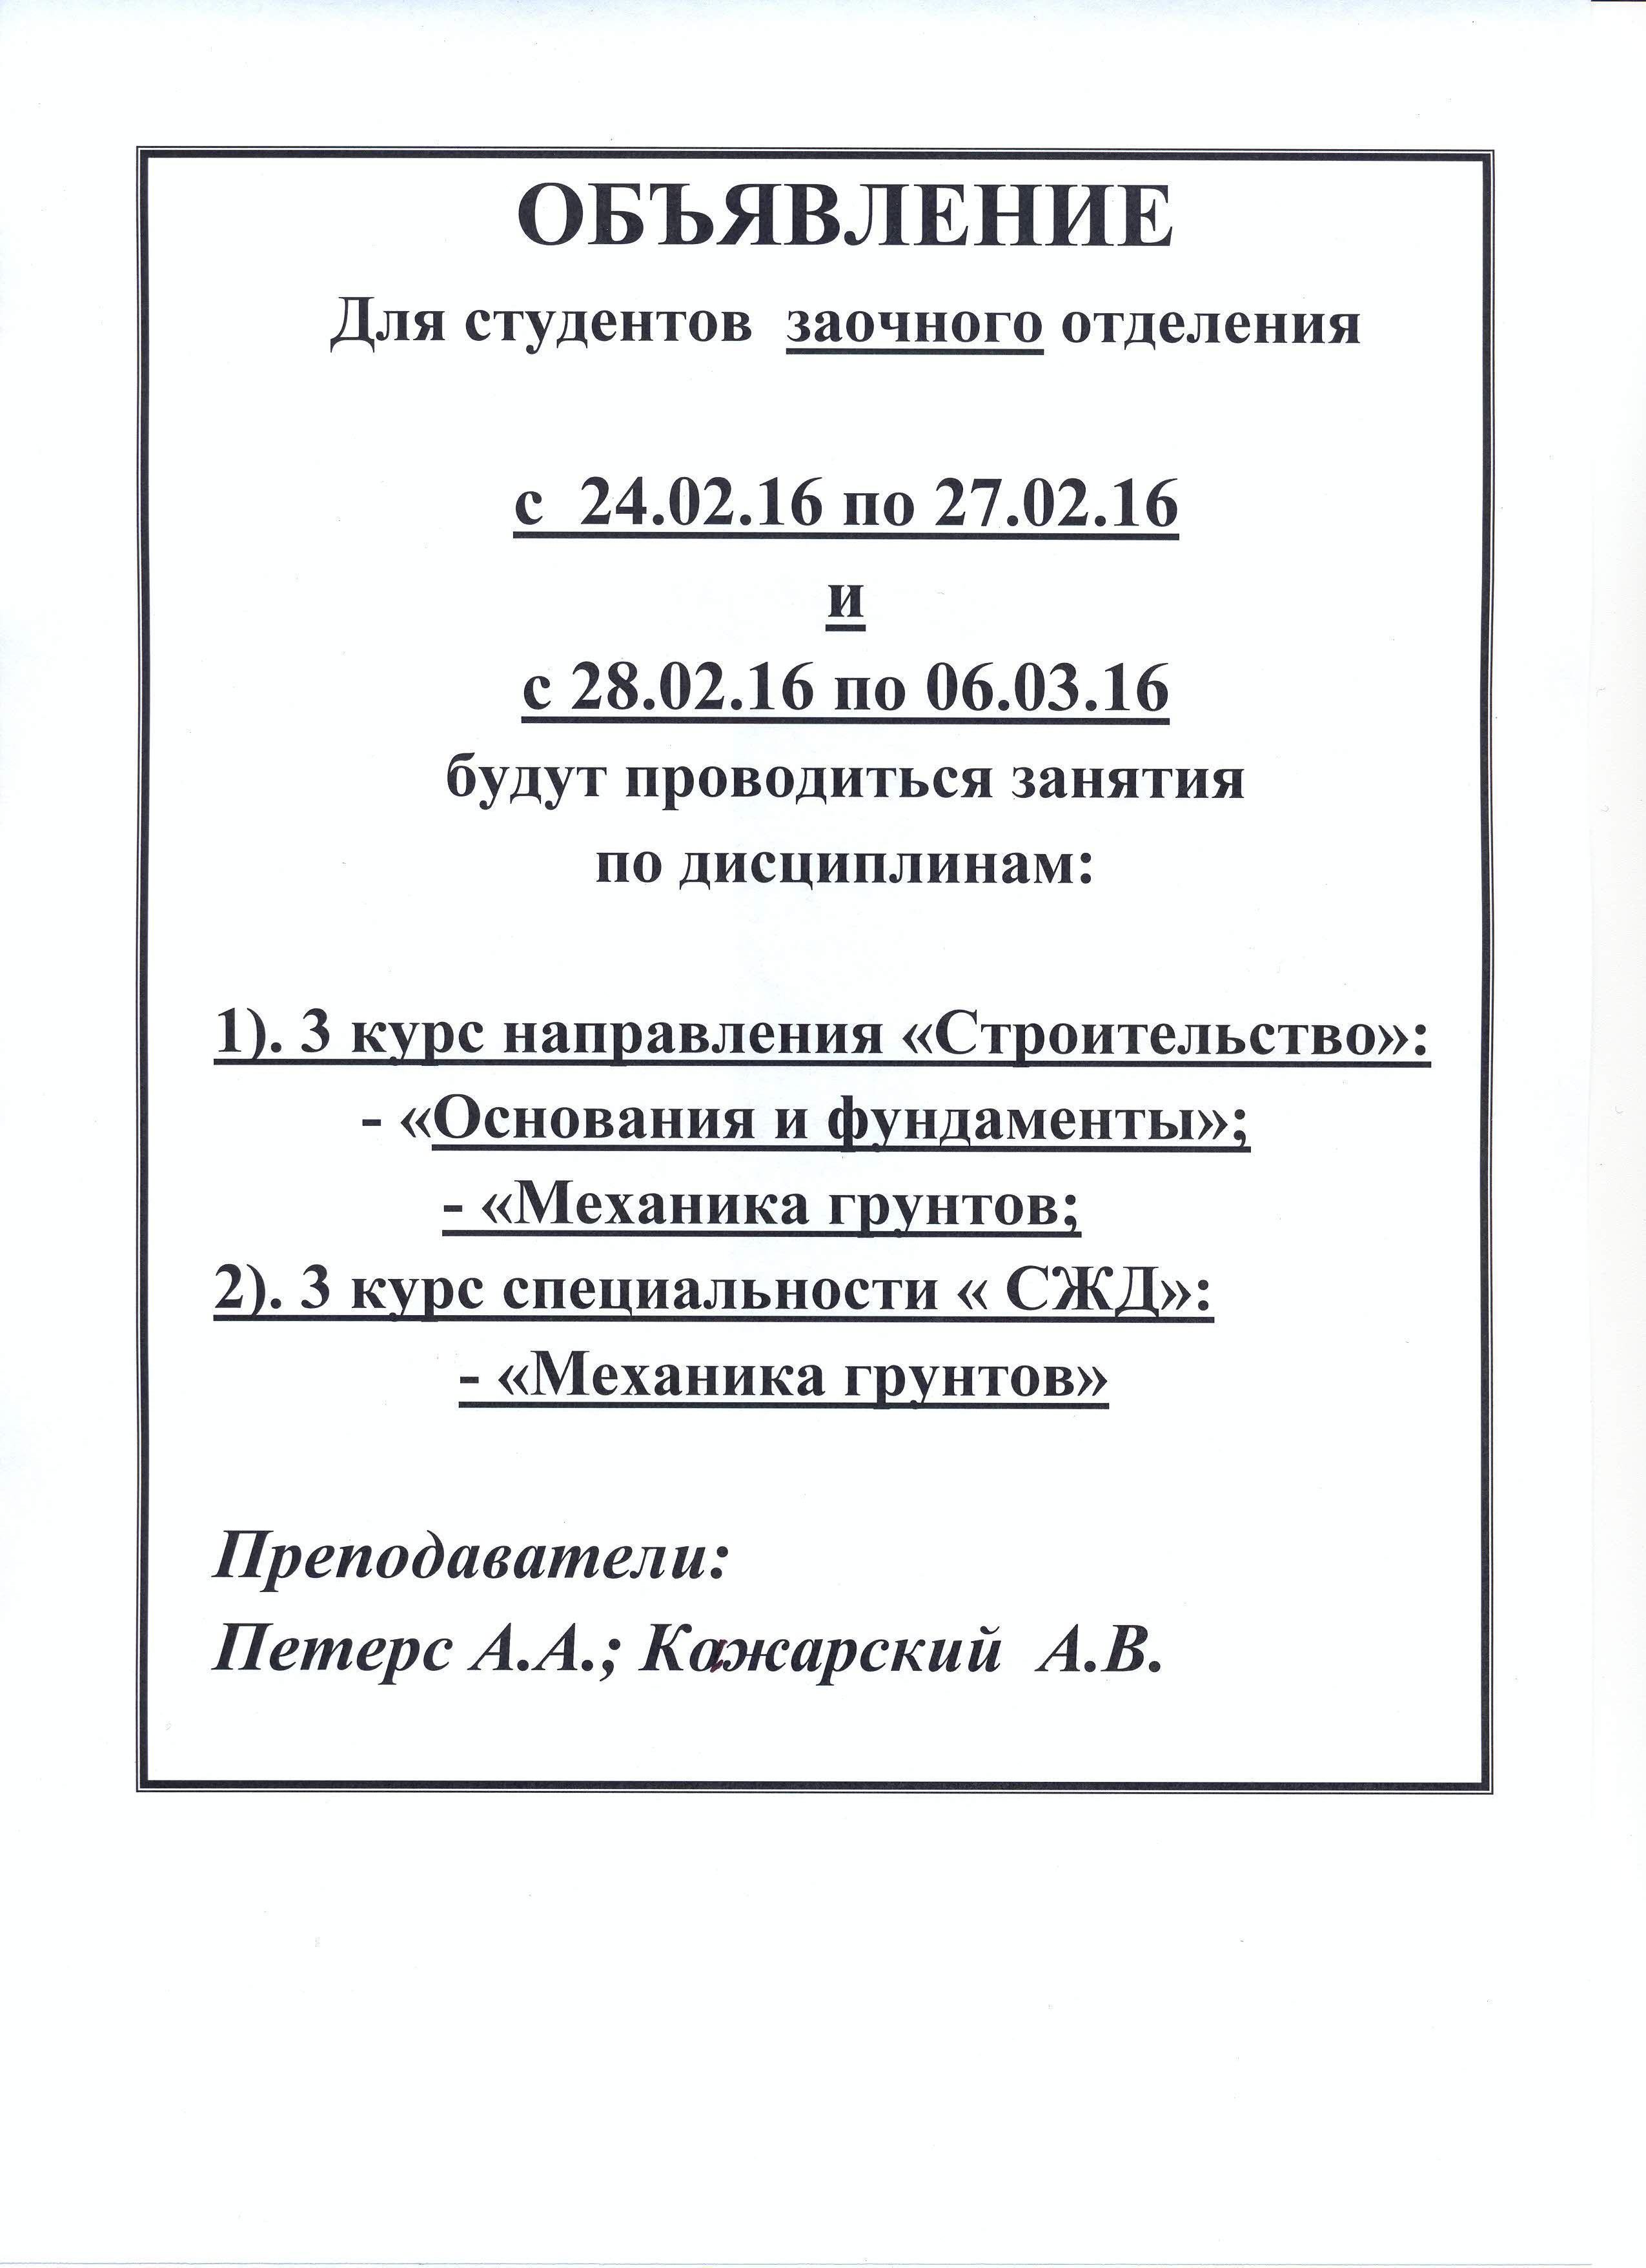 объявление 15022016 - 1